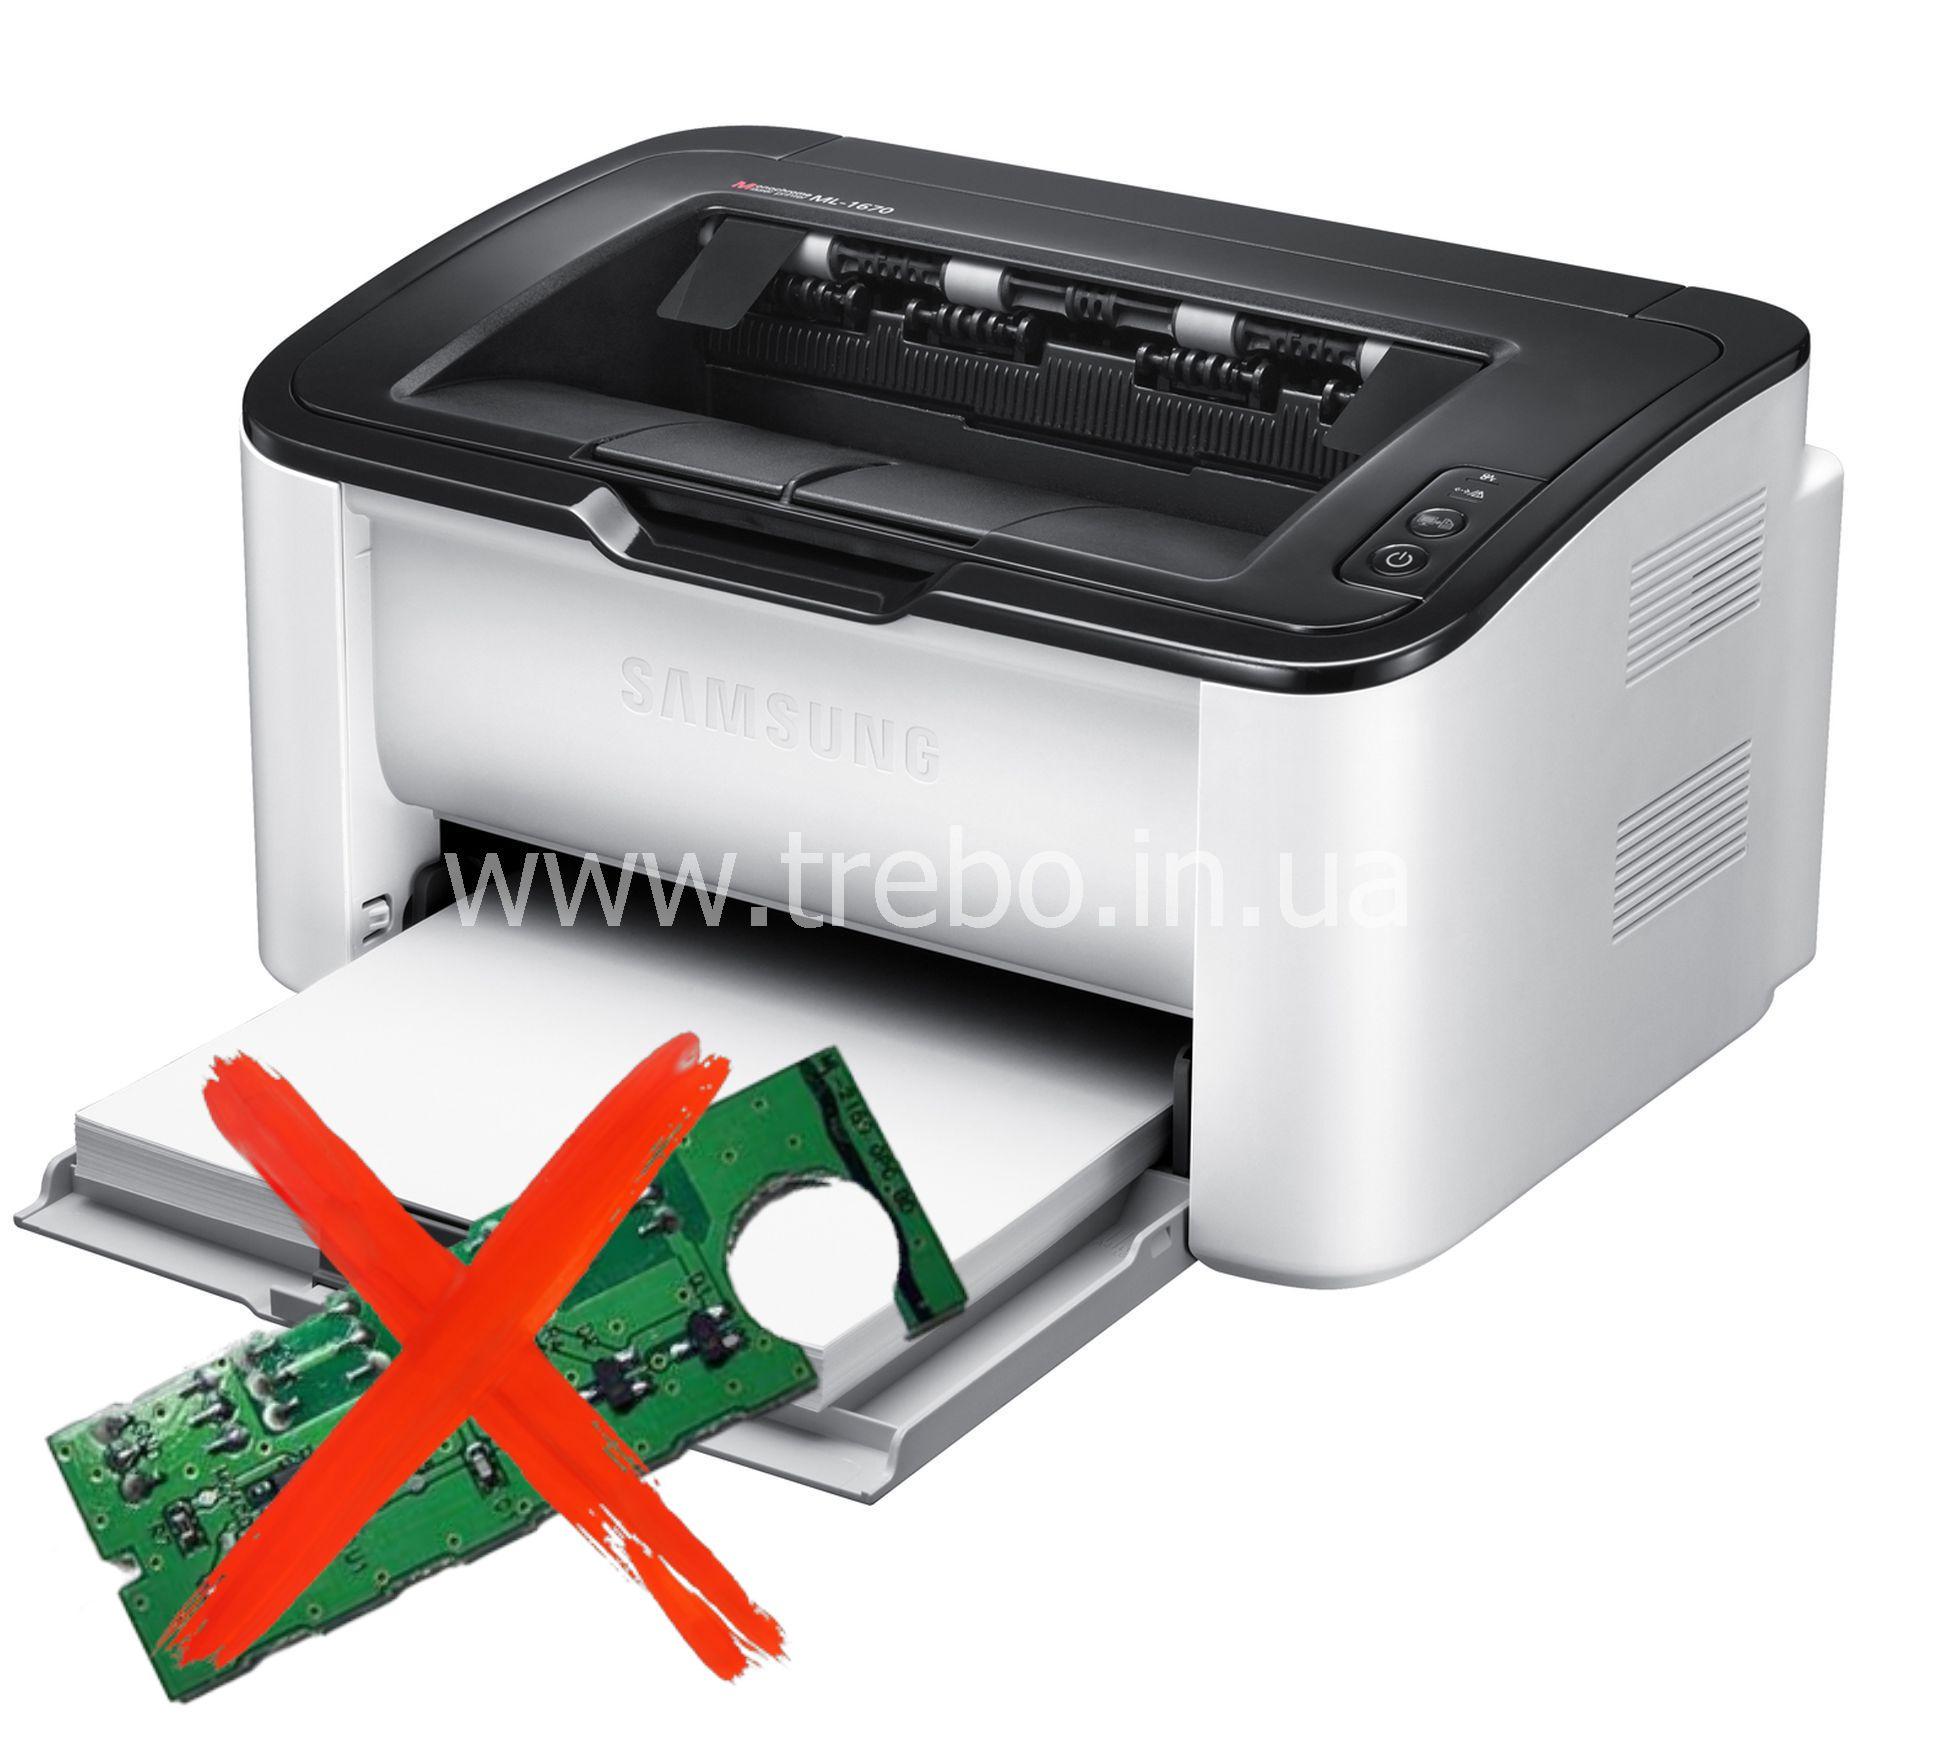 Как сделать прошивку принтер